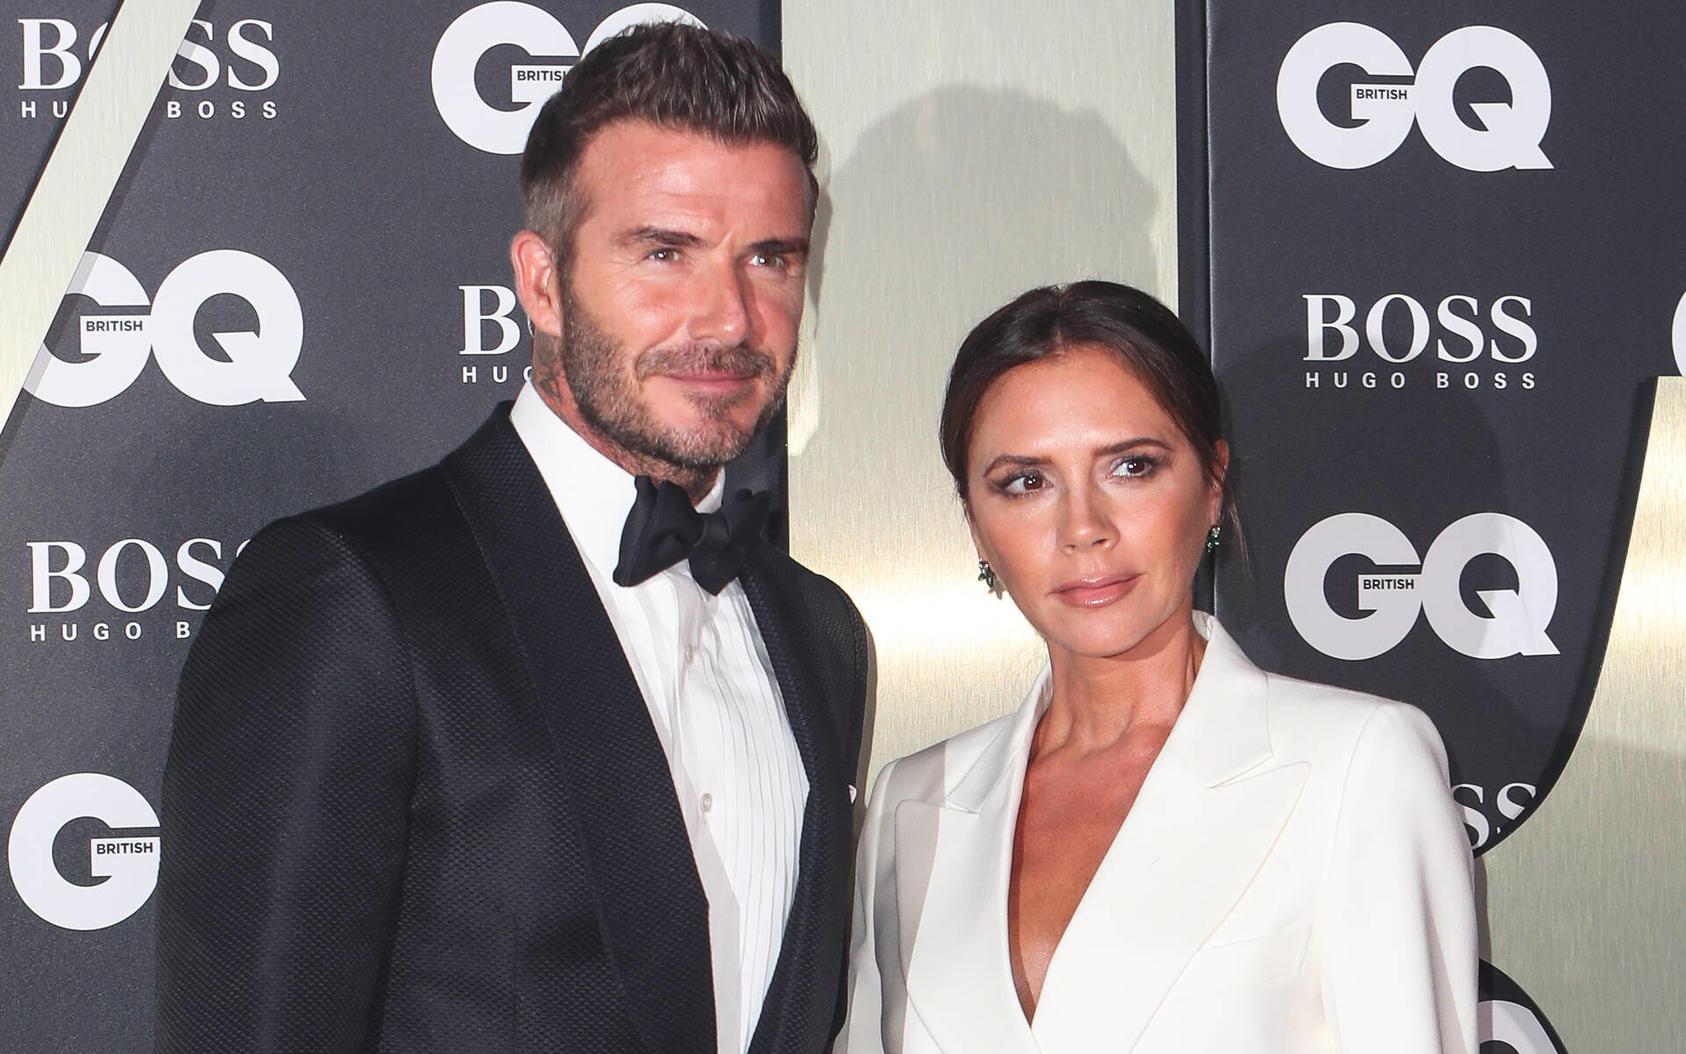 David und Victoria Beckham lernten sich am Rande eines Fußballspiels kennen